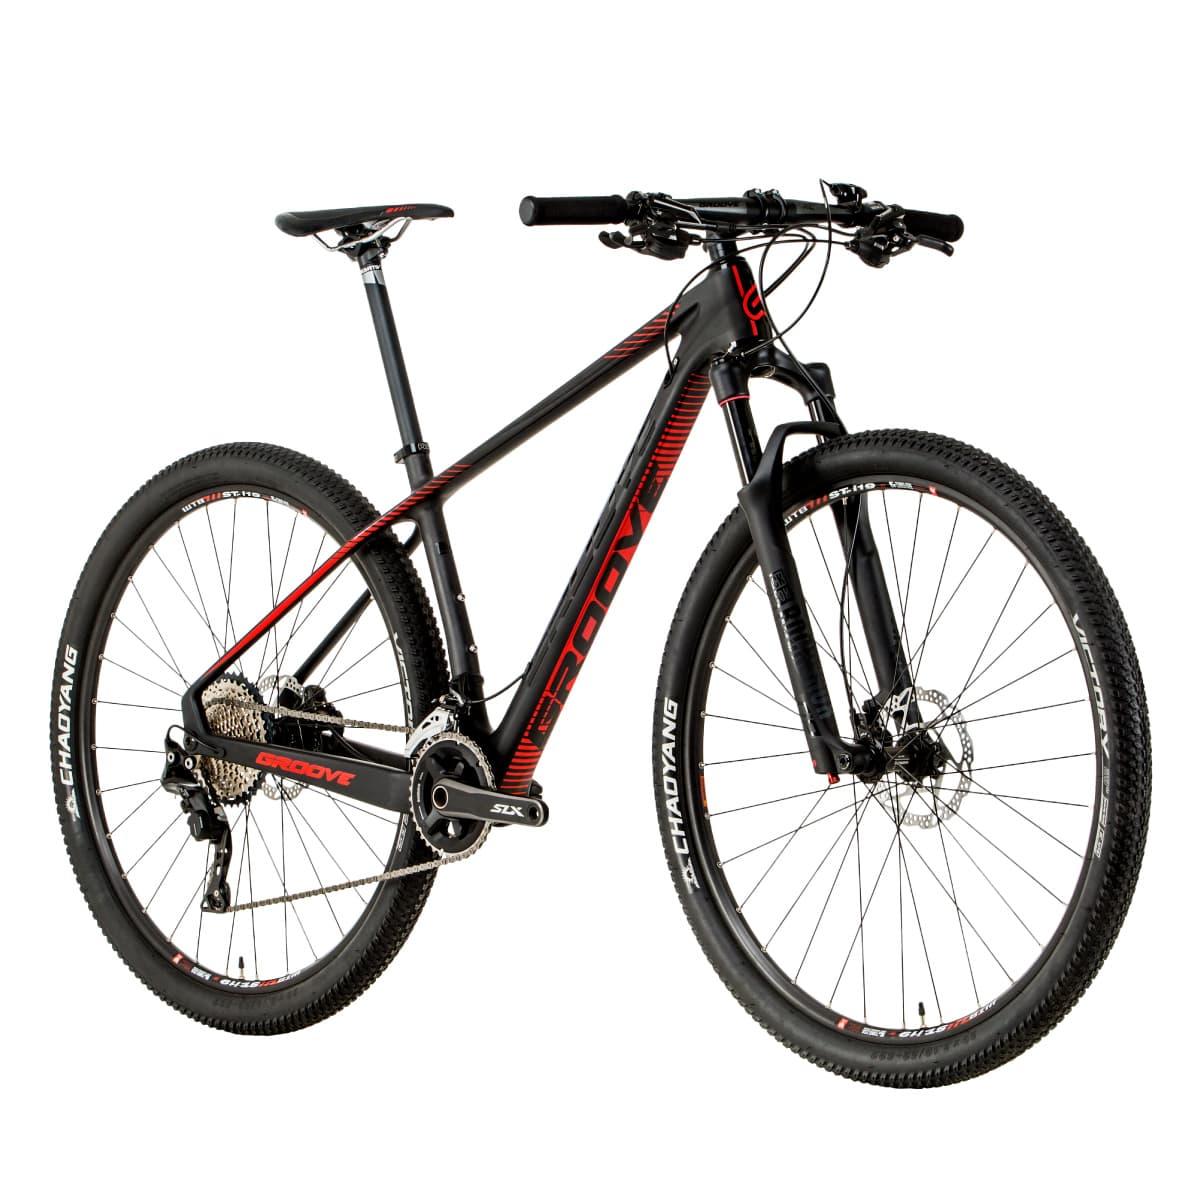 Bicicleta Groove Rhythm 90 2018 Carbon XT/SLX Rock Shox